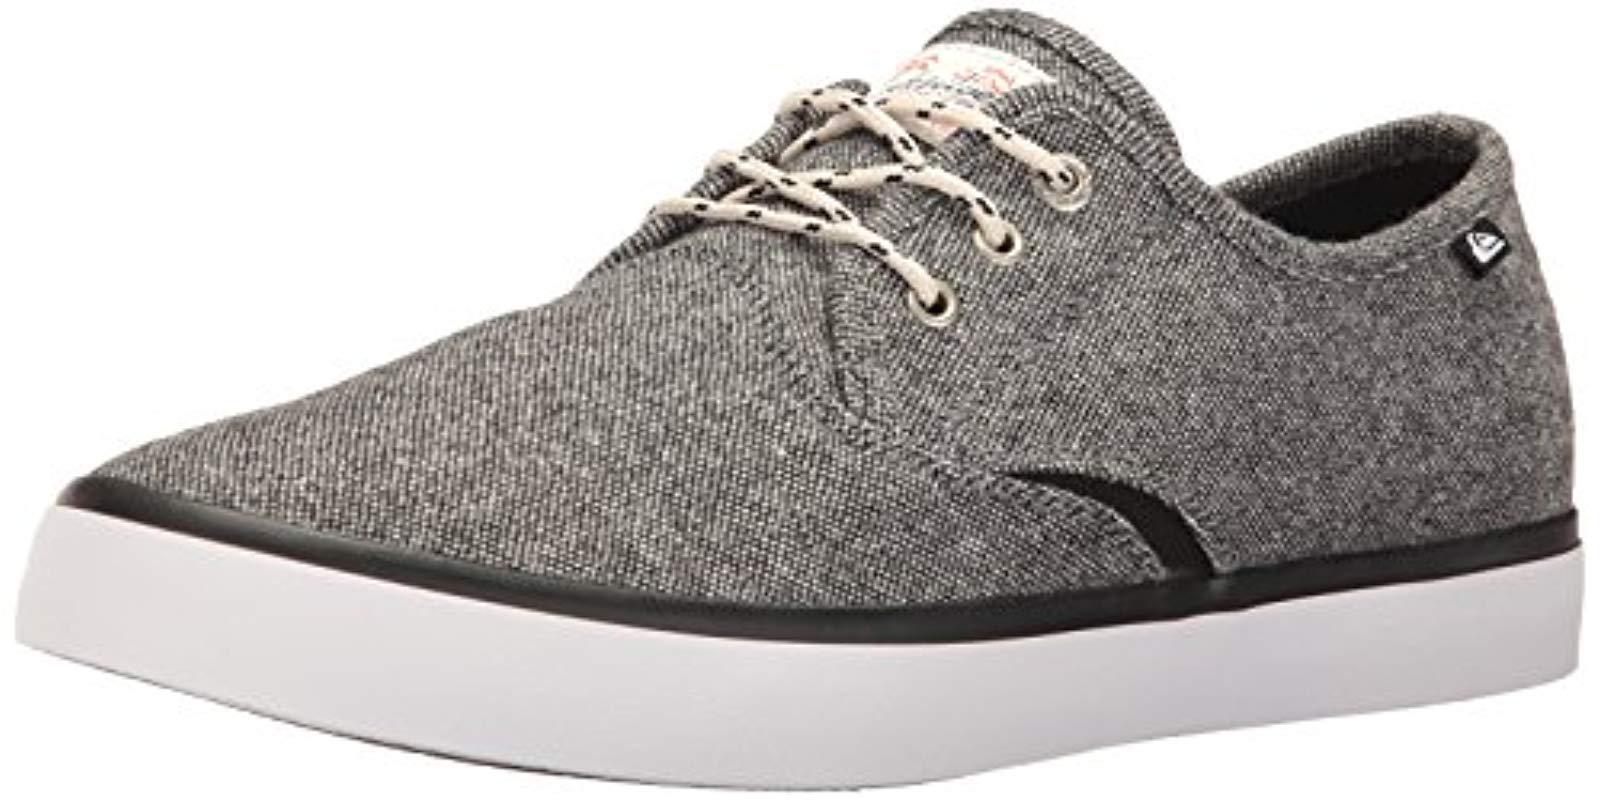 c030fe10d2a4 Lyst - Quiksilver Shorebreak Deluxe Shoe in Gray for Men - Save 60.0%